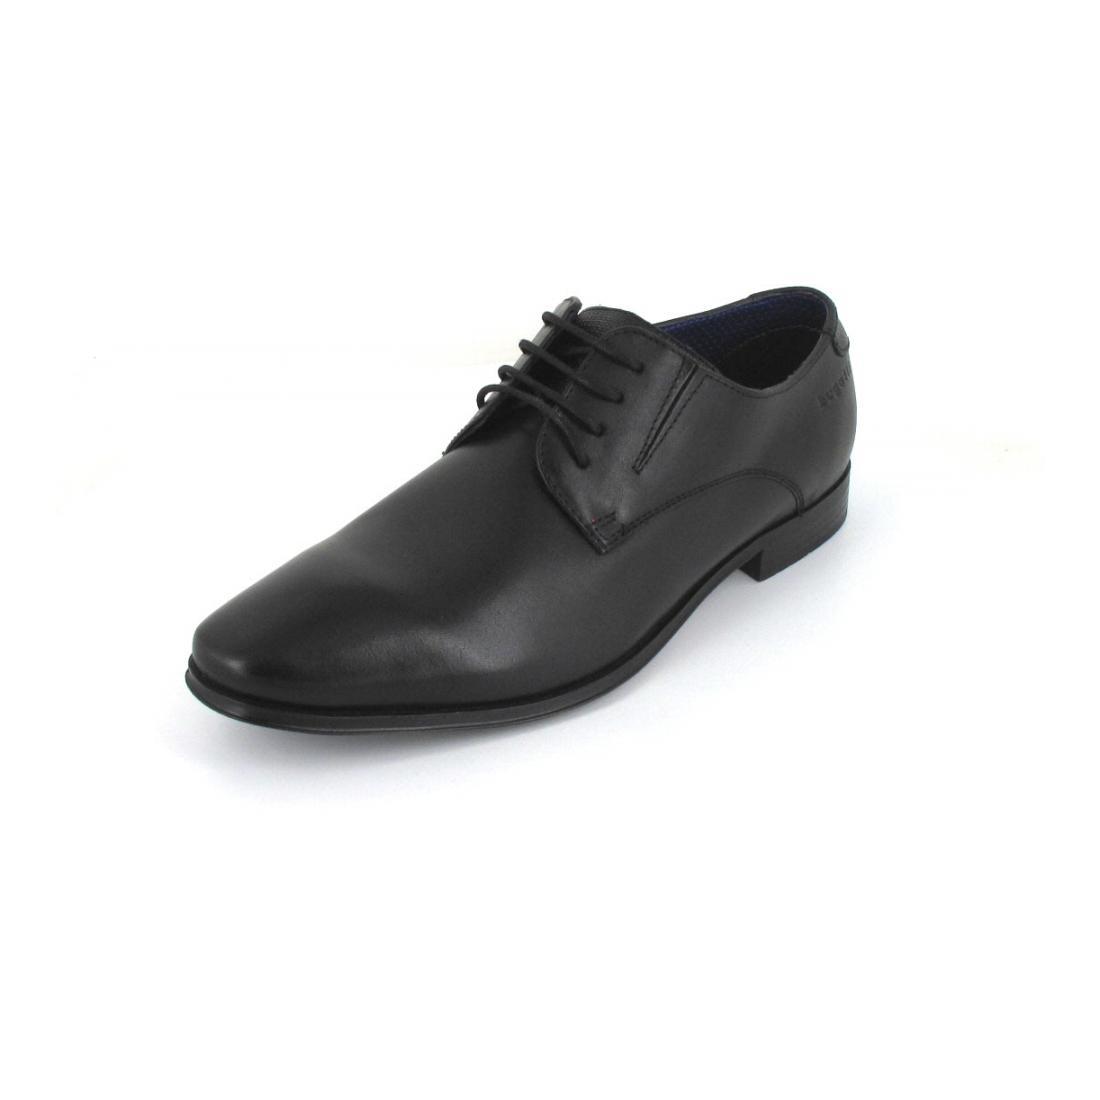 Bugatti Businesss Schuh Morino